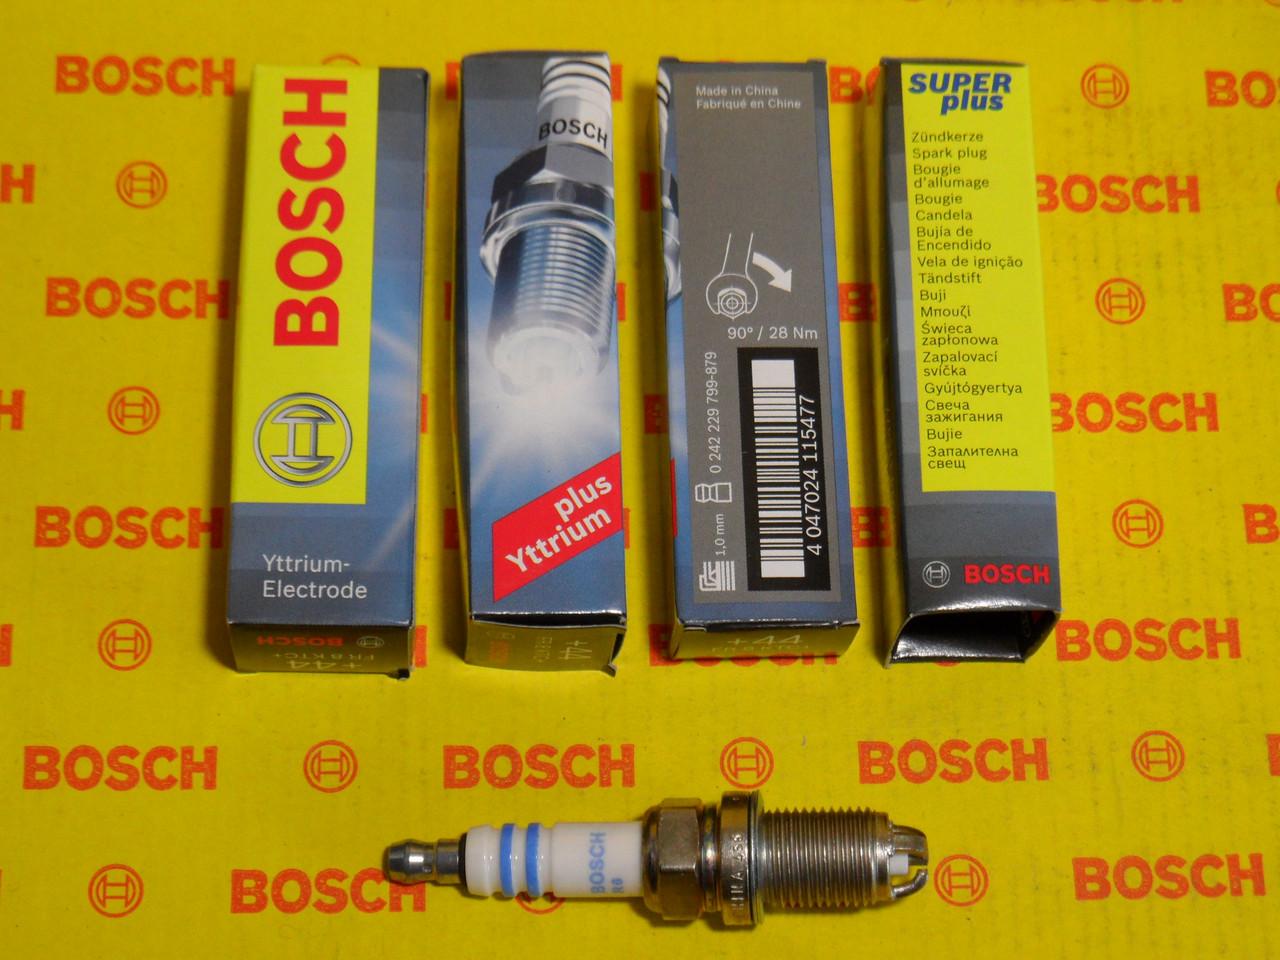 Свечи зажигания BOSCH, FR8KTC+, +44, 1.0, Super +, 0242229799, 0 242 229 799,